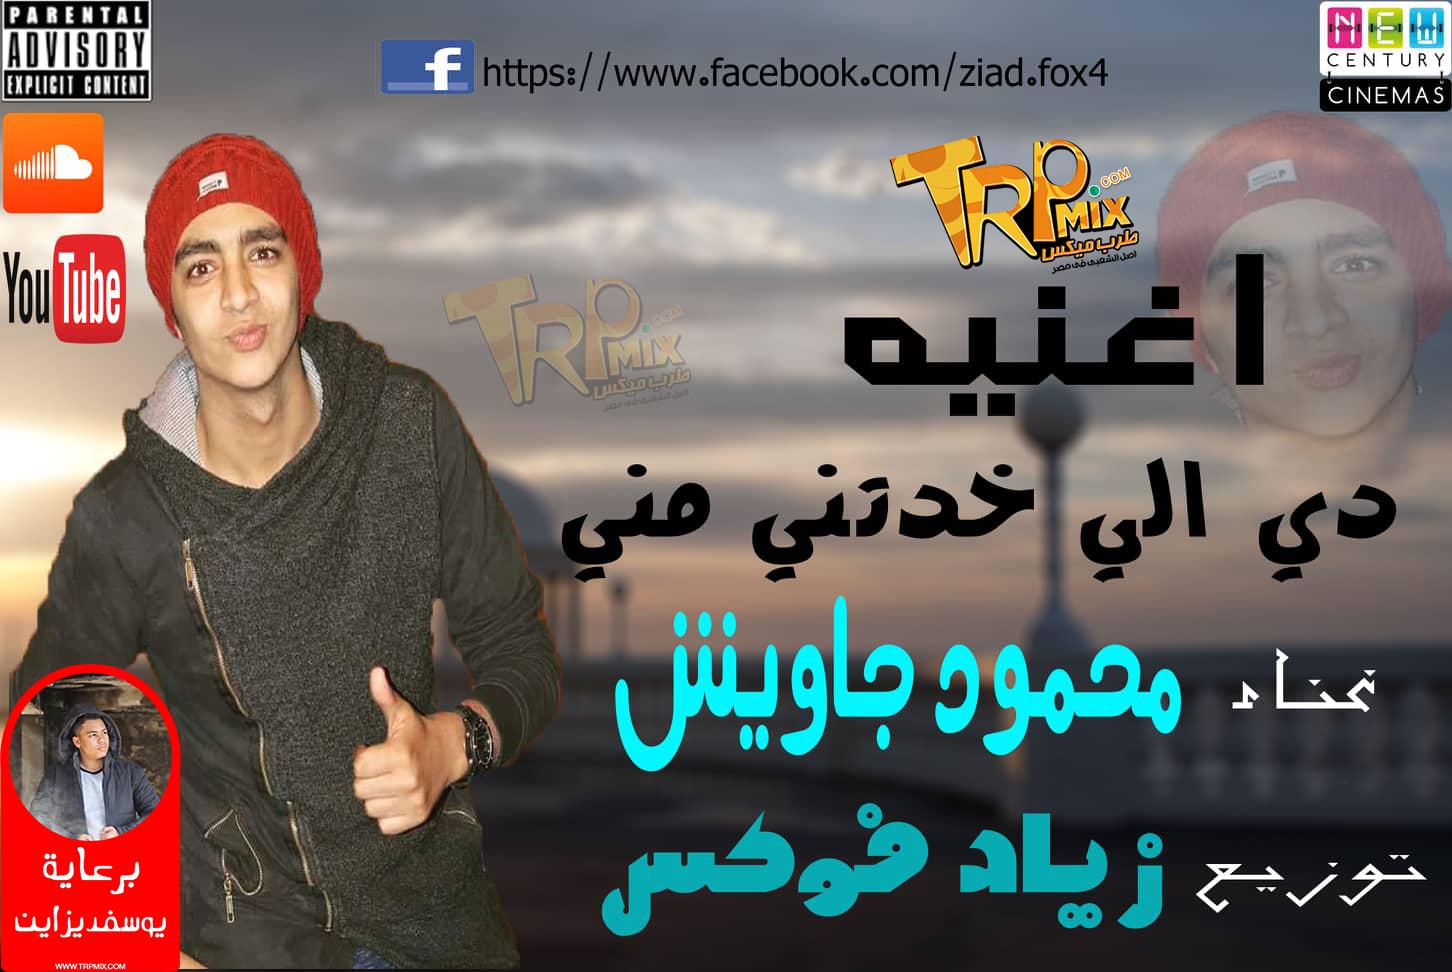 حصريا اغنية دى اللى خدتنى منى غناء محمود جاويش توزيع زياد فوكس برعاية مافيا طرب ميكس